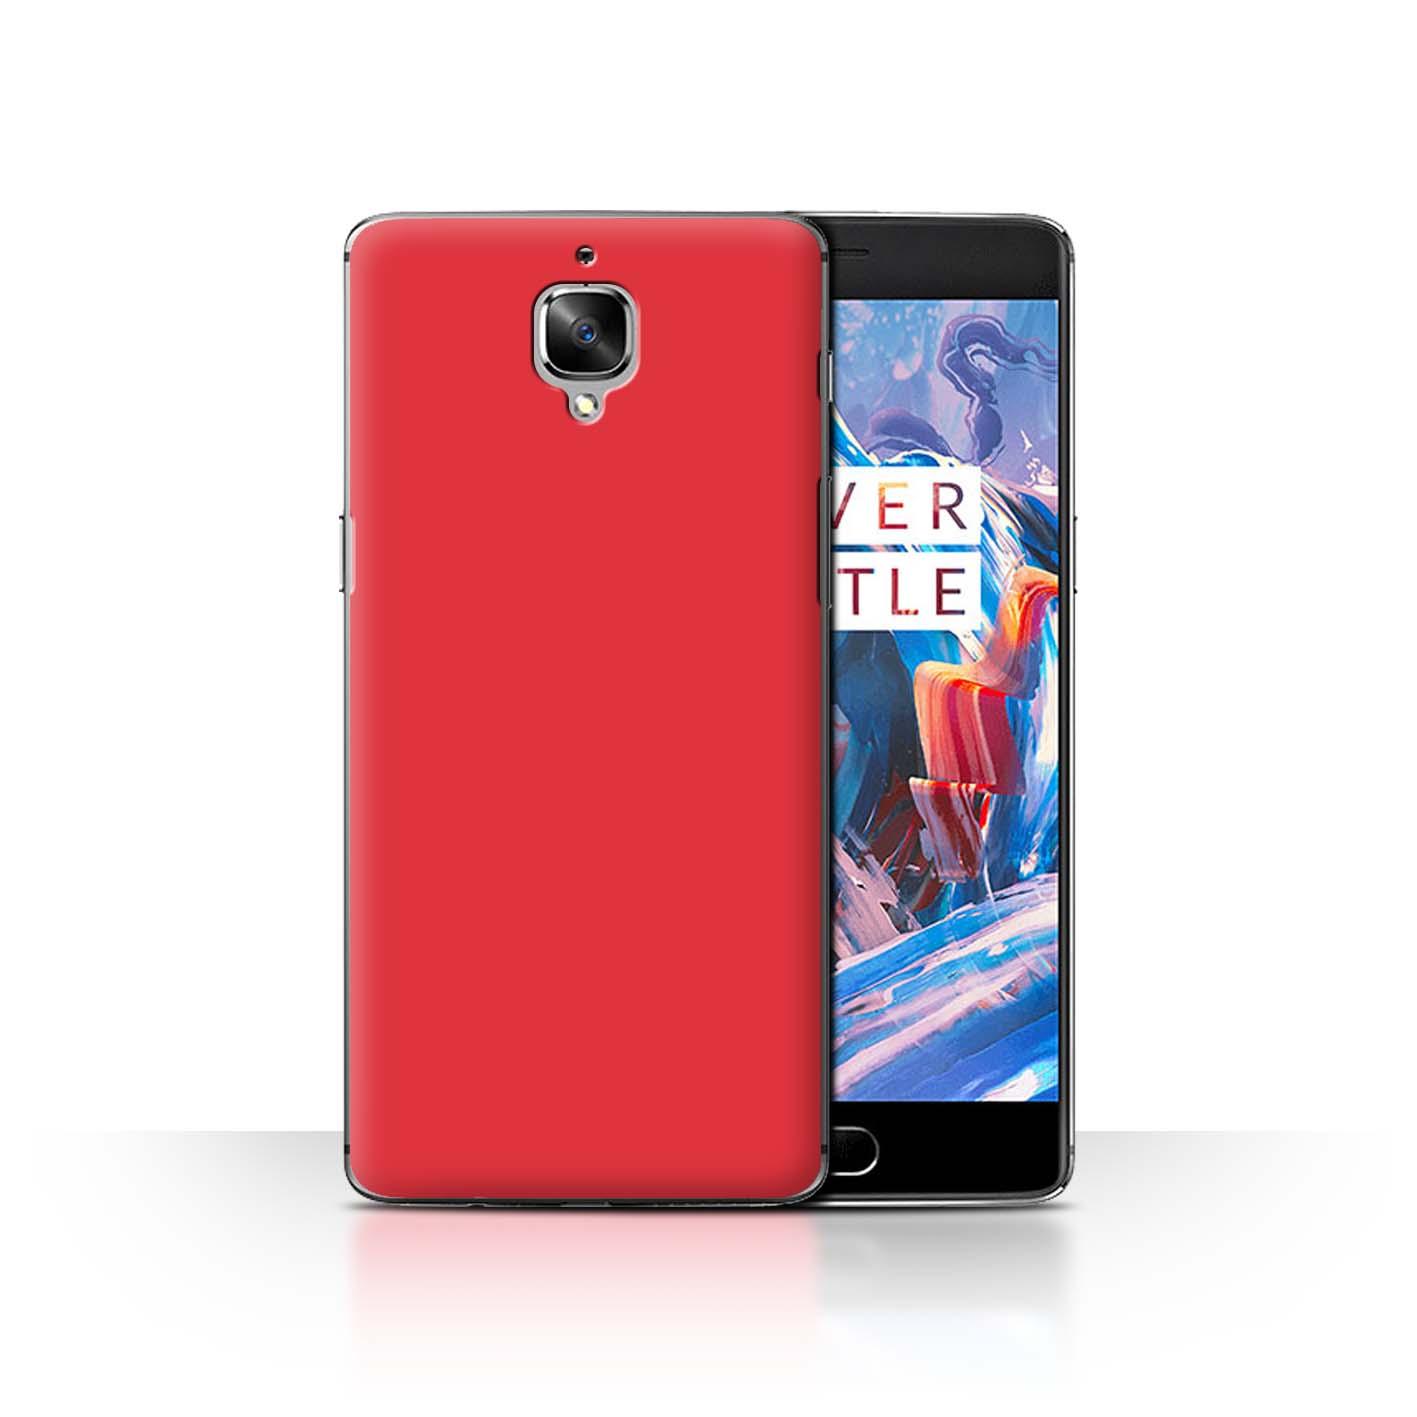 Coque-Etui-Housse-de-Stuff4-pour-OnePlus-3-Couleurs